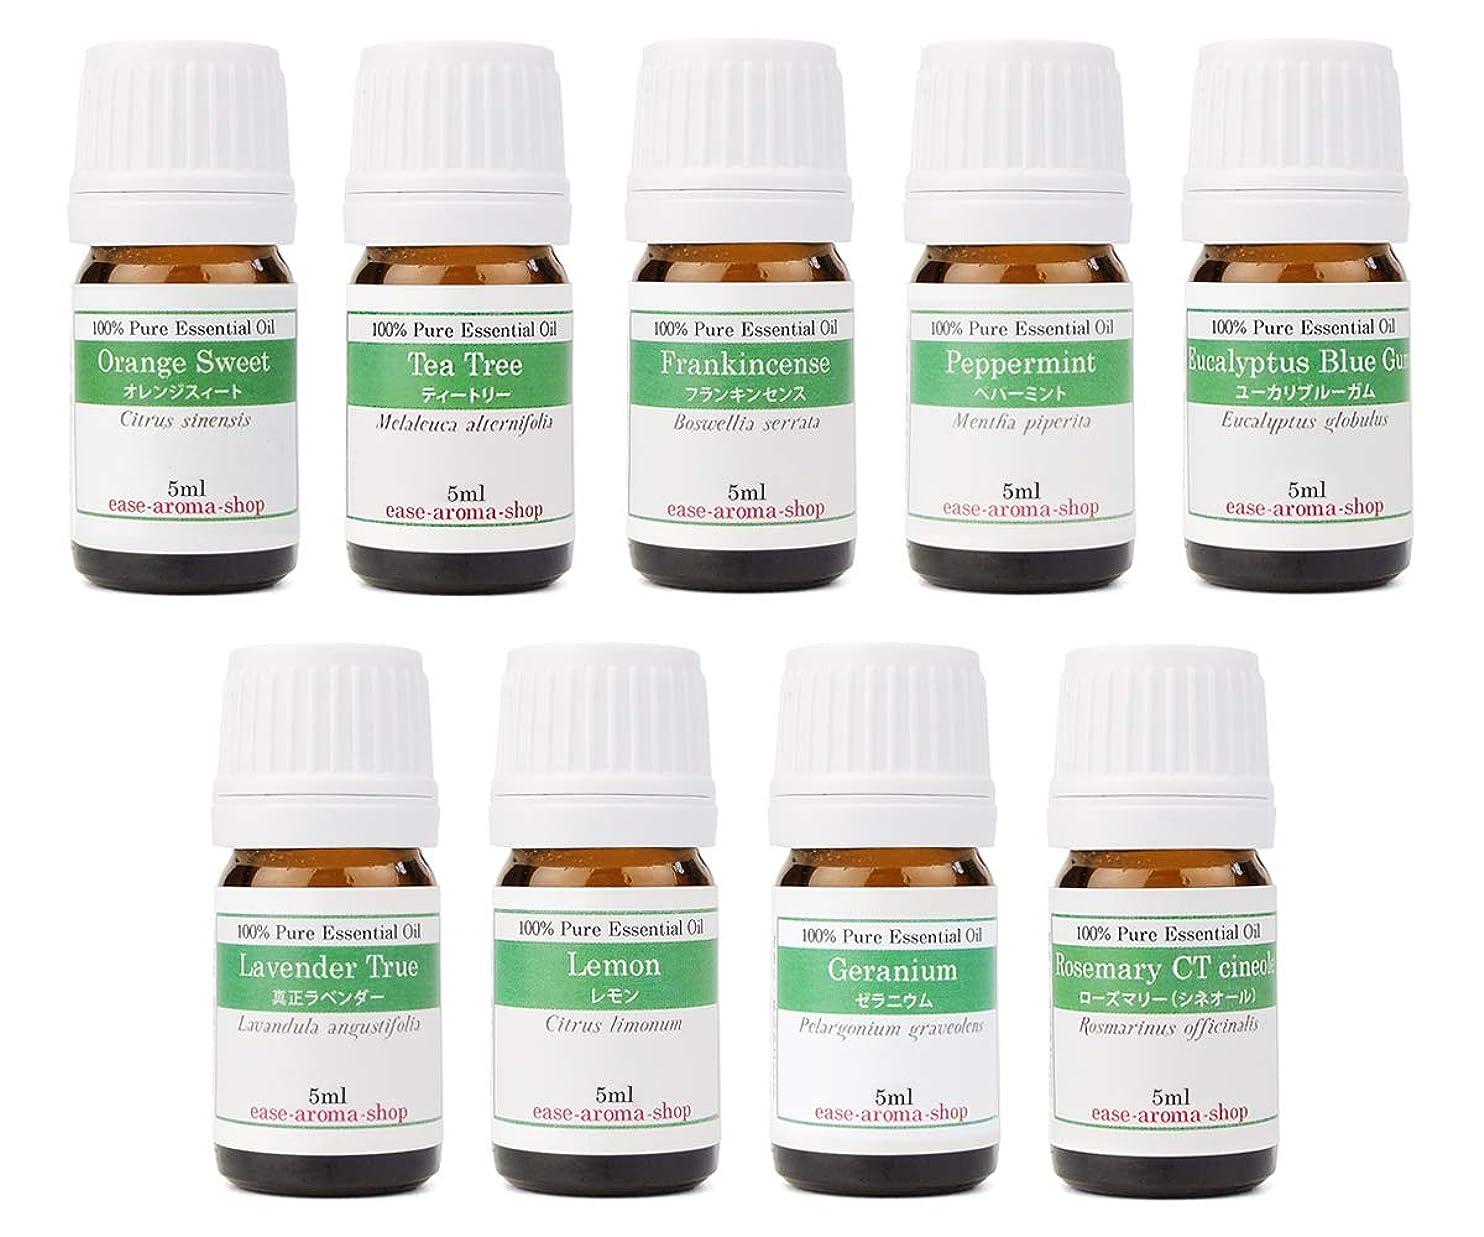 現在公爵夫人用心【2019年改訂版】ease AEAJアロマテラピー検定香りテスト対象精油セット 揃えておきたい基本の精油 2級 9本セット各5ml